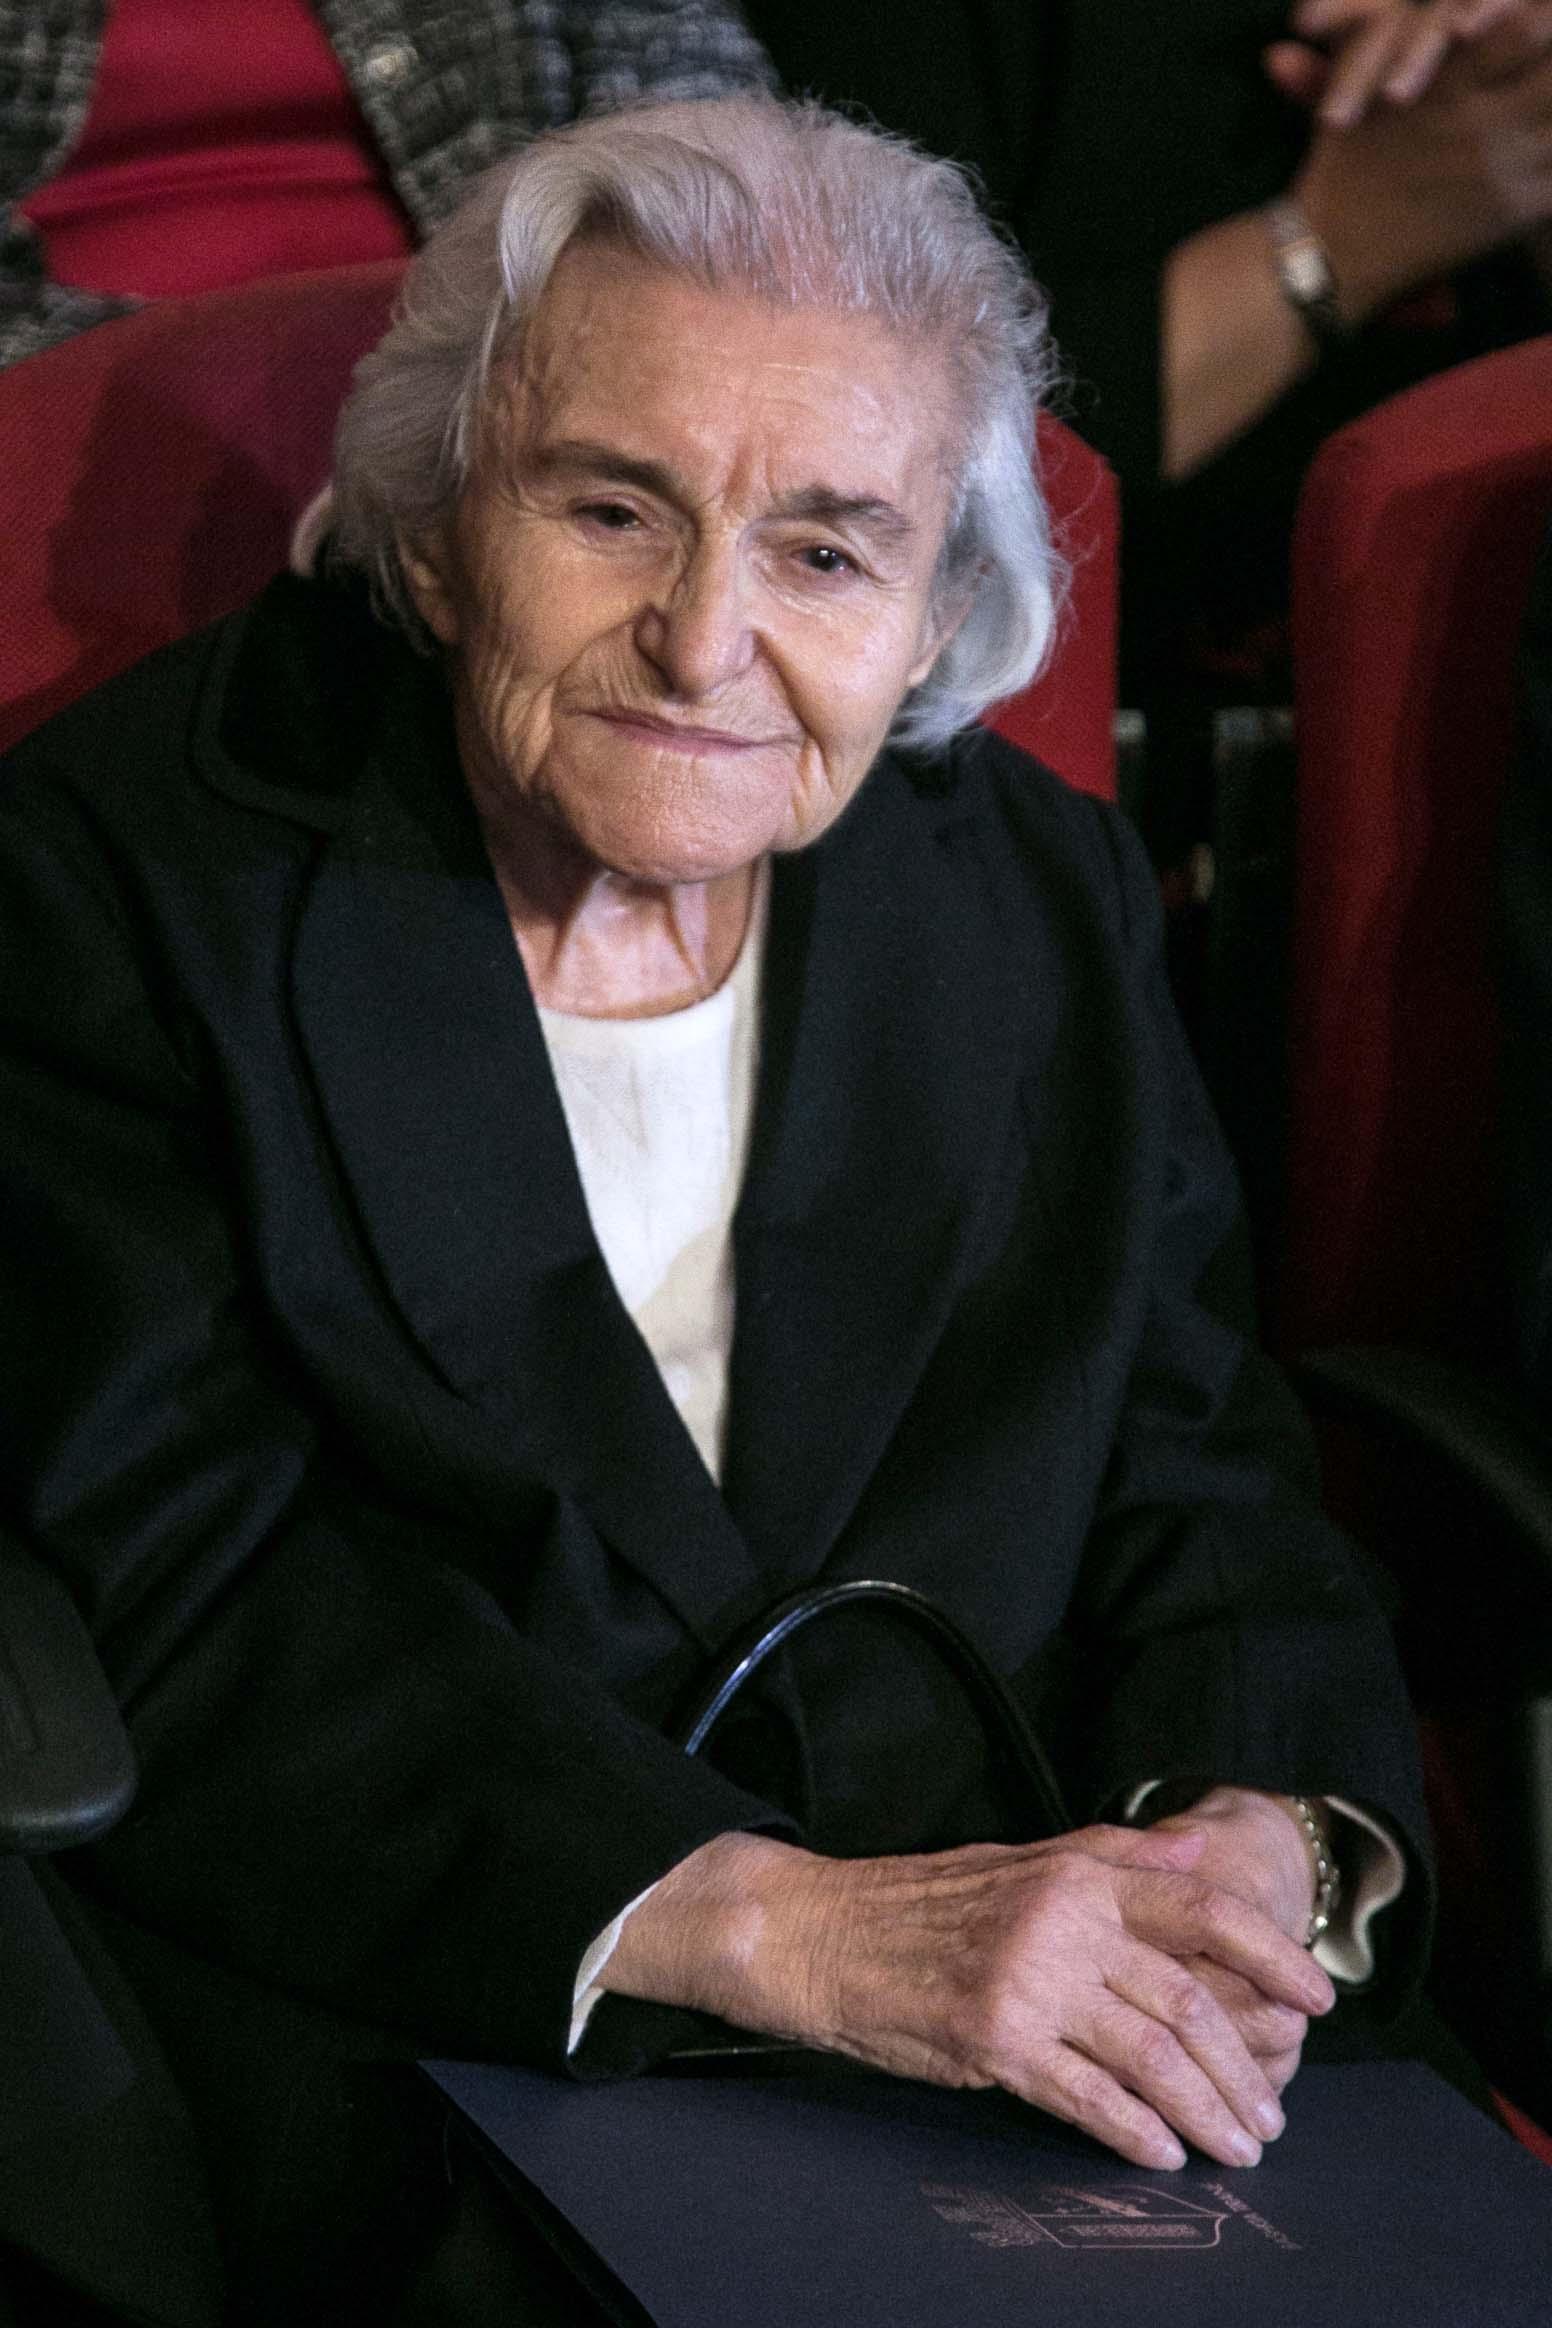 Liri Belishova, gjate nje koncerti festiv, me rastin e 17 nentorit te 70 vjetorit te clirimit te Tiranes./r/n/r/nLiri Belishova, during homage to the Martyr Nation on the occasion of 70 anniversary of the liberation of Tirana.